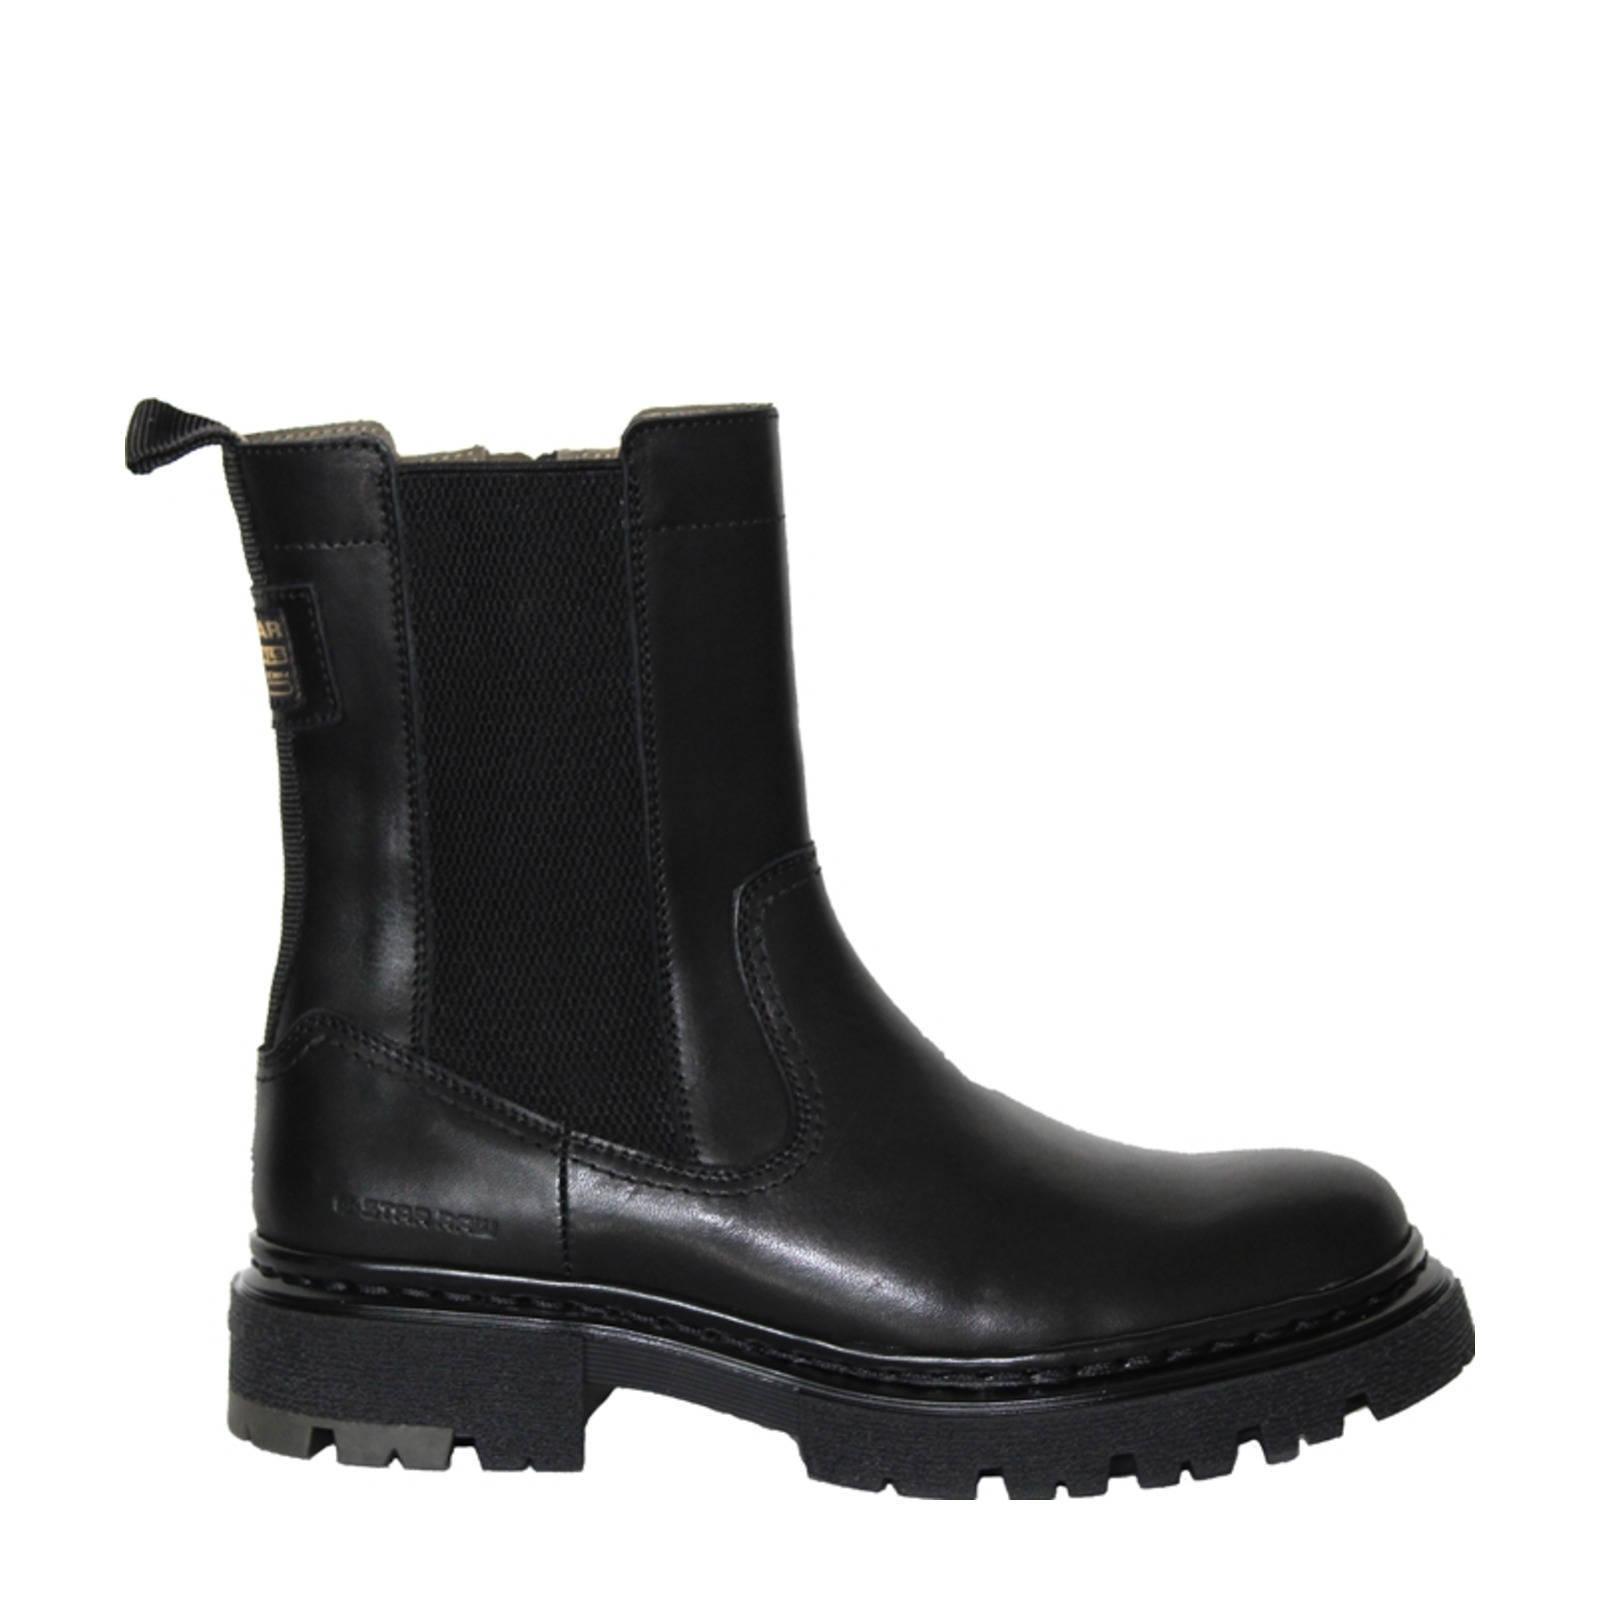 G-Star Boot Kafey HGH CHS LEA W 2141 021804 Zwart-36 maat 36 online kopen